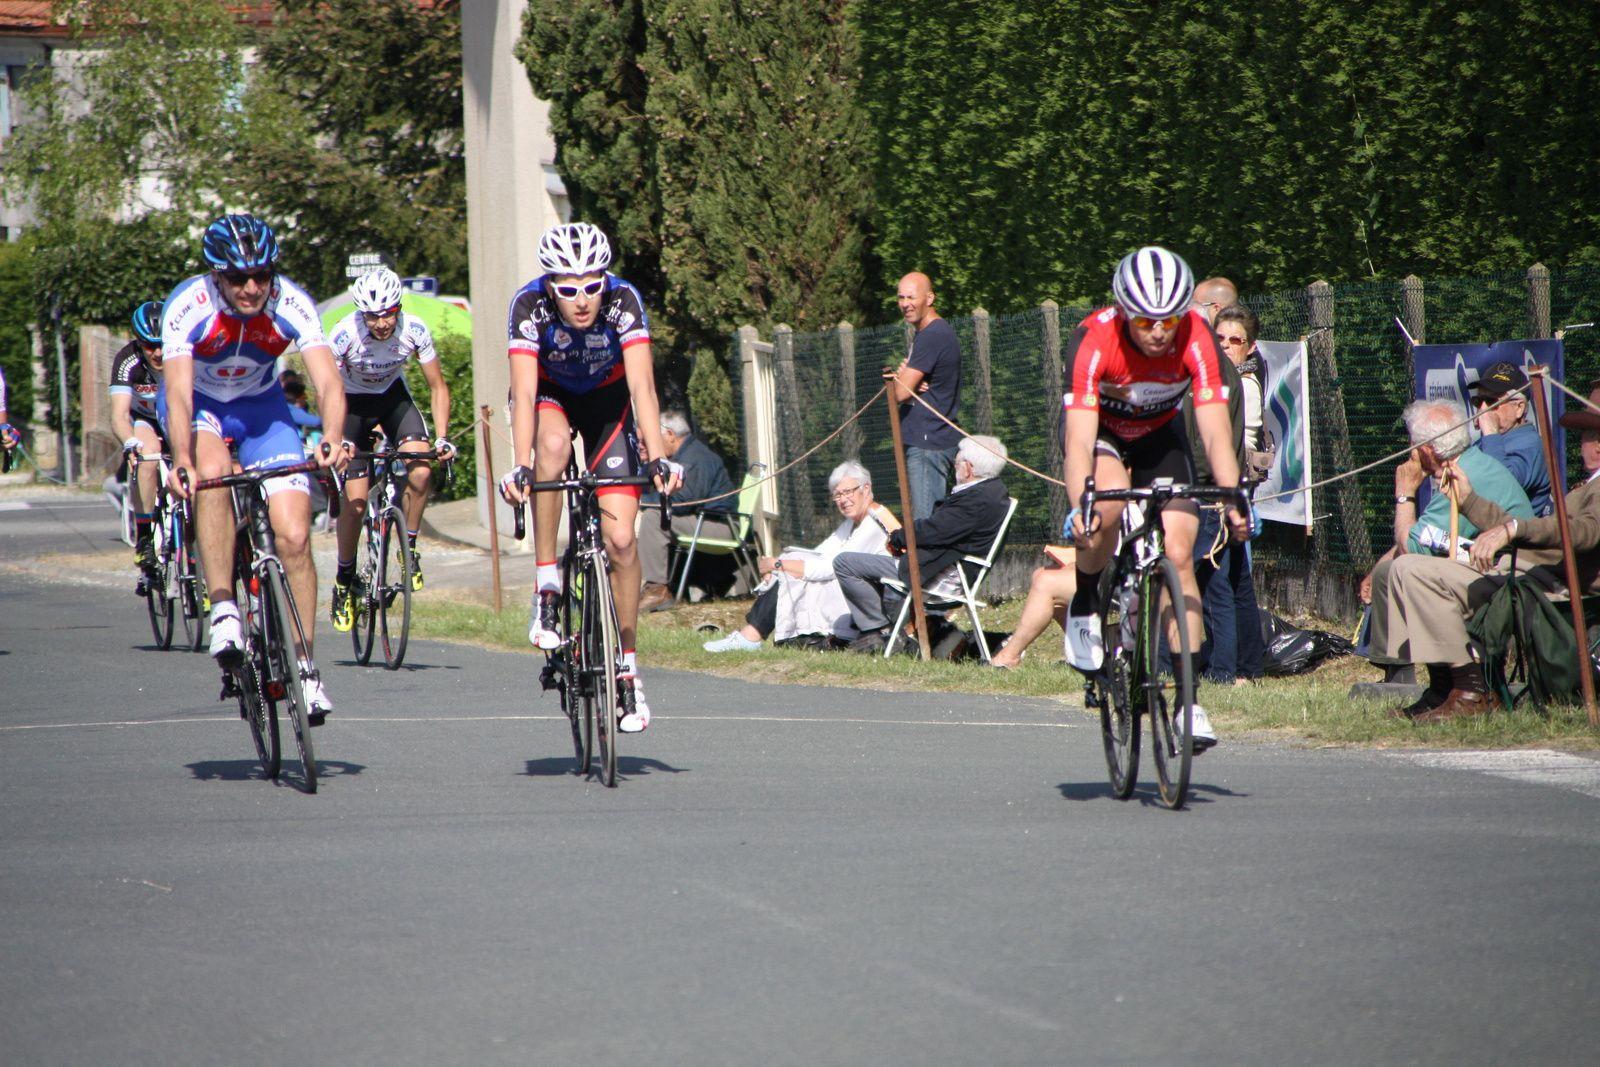 Toujours  les  3  mêmes  coureurs  en  tête, derriére  Thomas  VALENTIN  et  Tom  MAINGUENAUD  font  le  forcing  pour  tenter  de  revenir